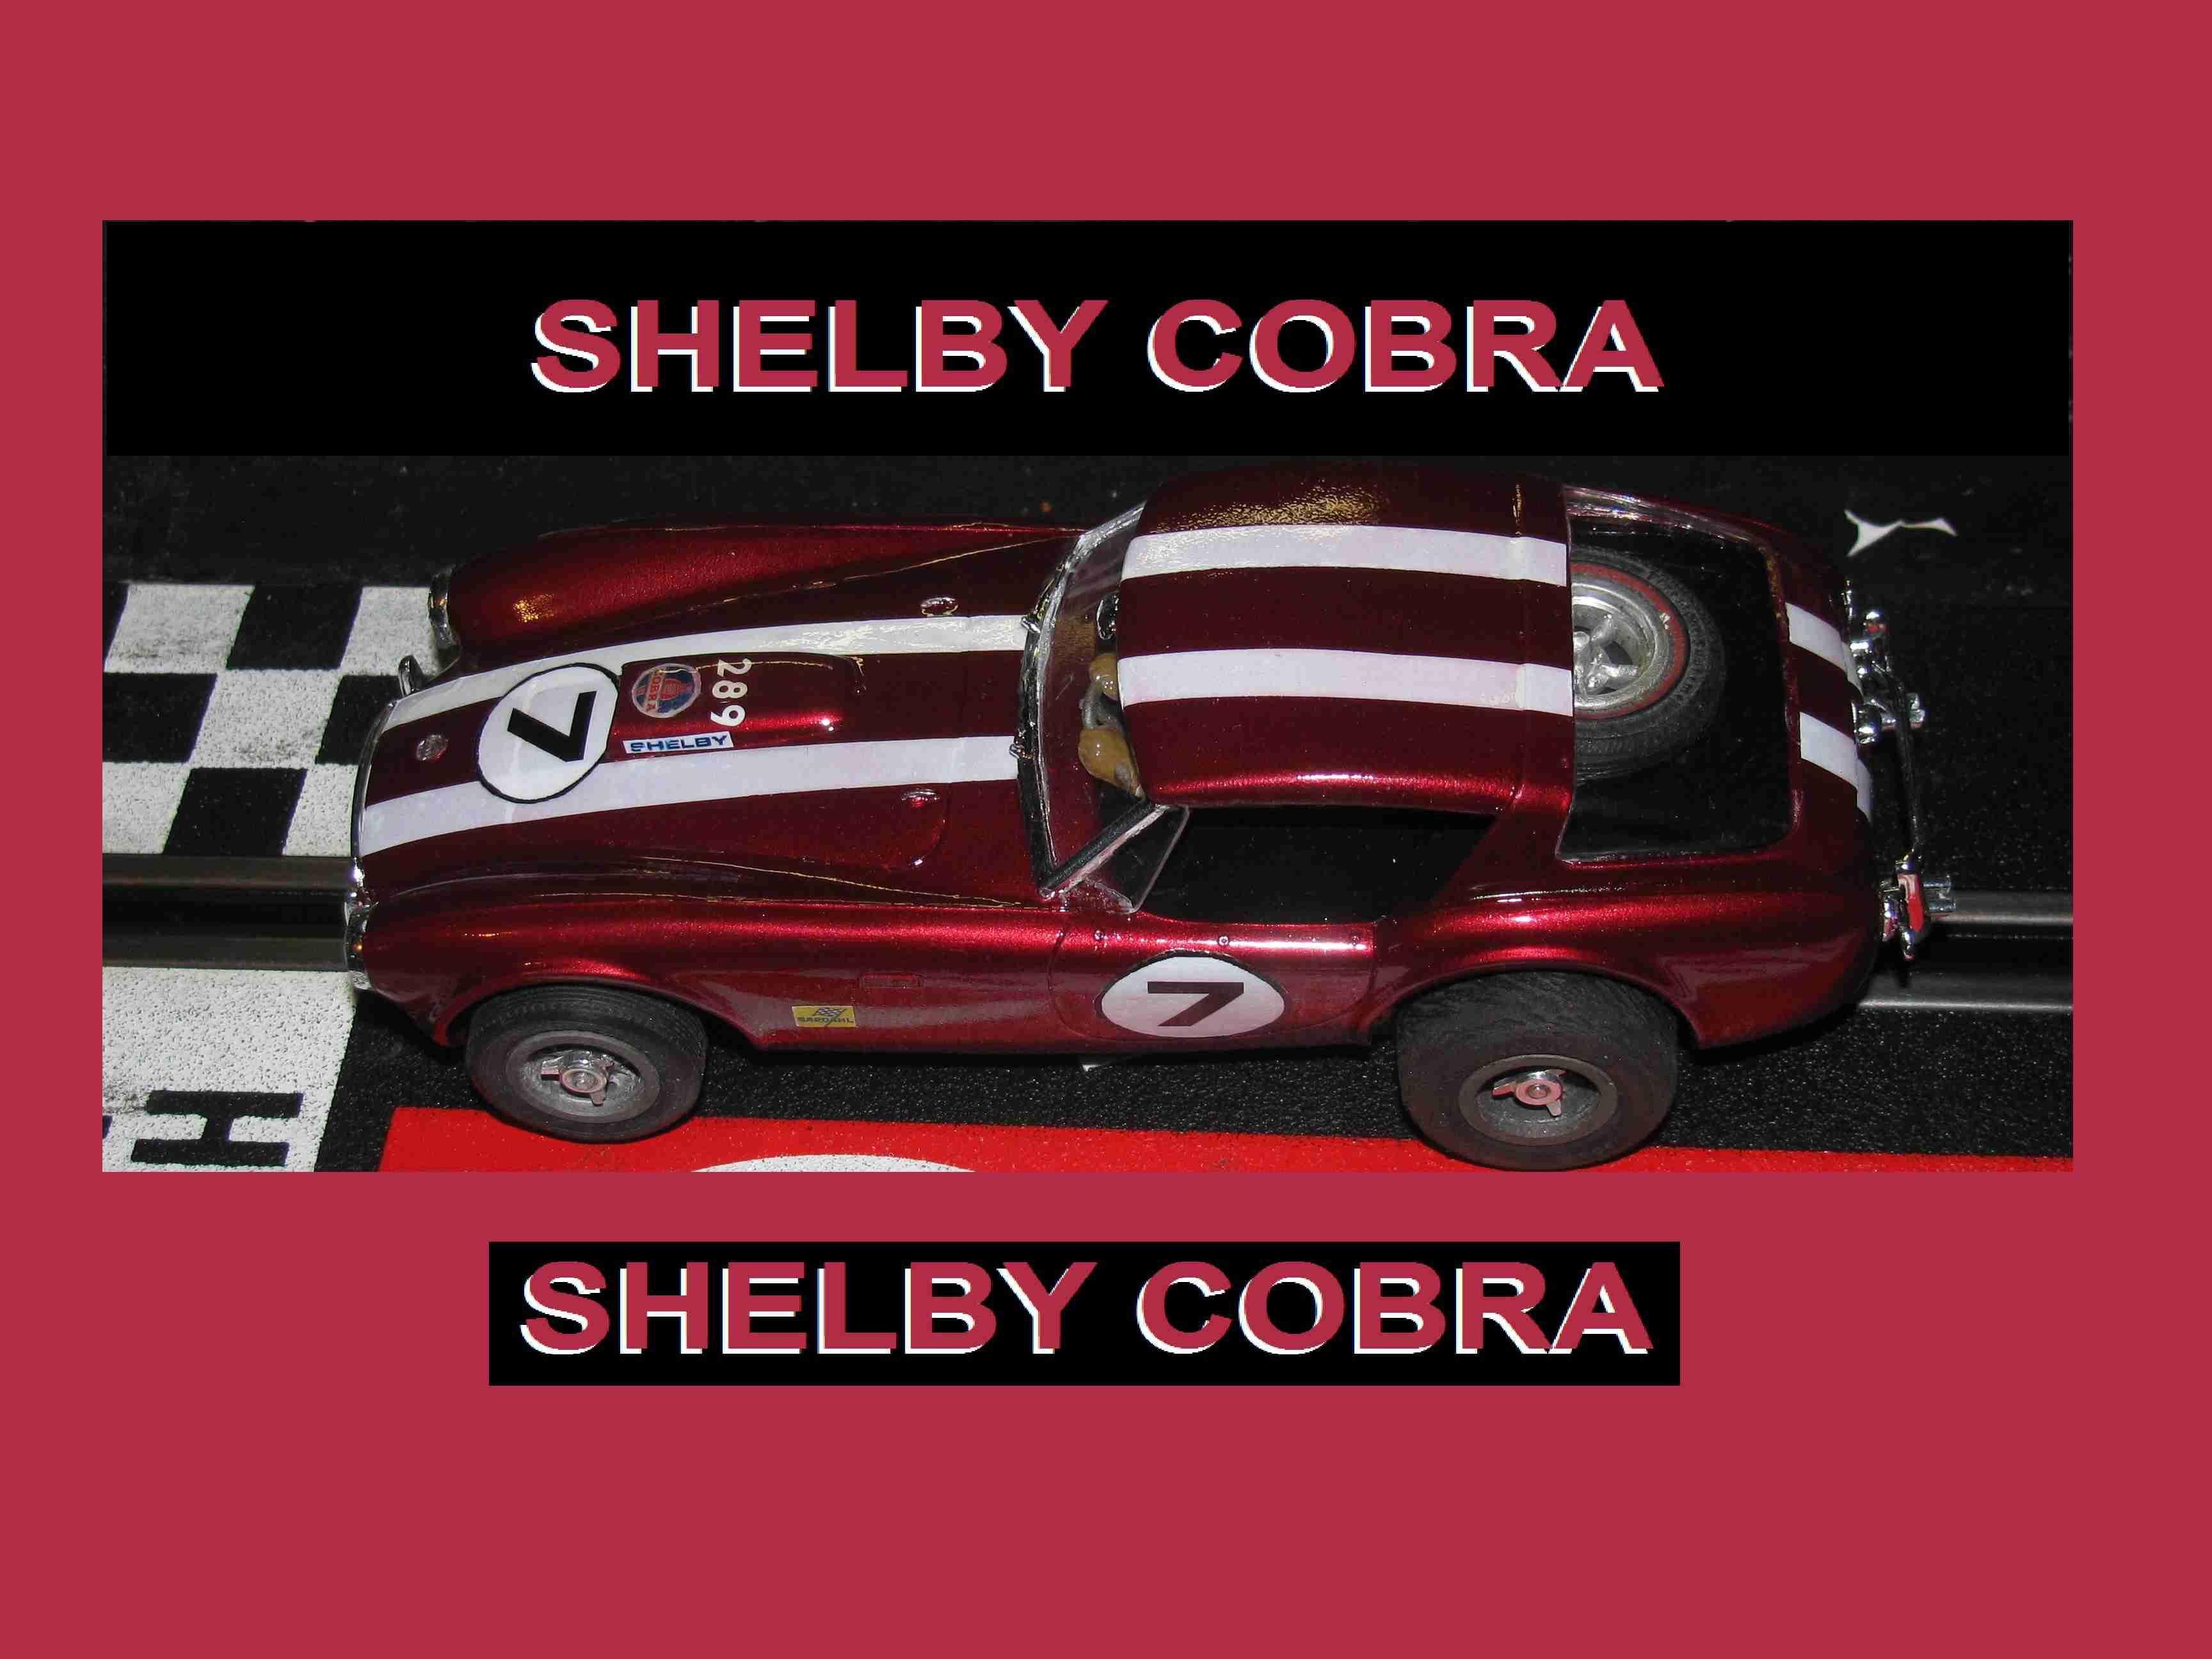 * SOLD * Vintage 1960's Shelby Cobra Daytona Coupe 289 Slot Car #7